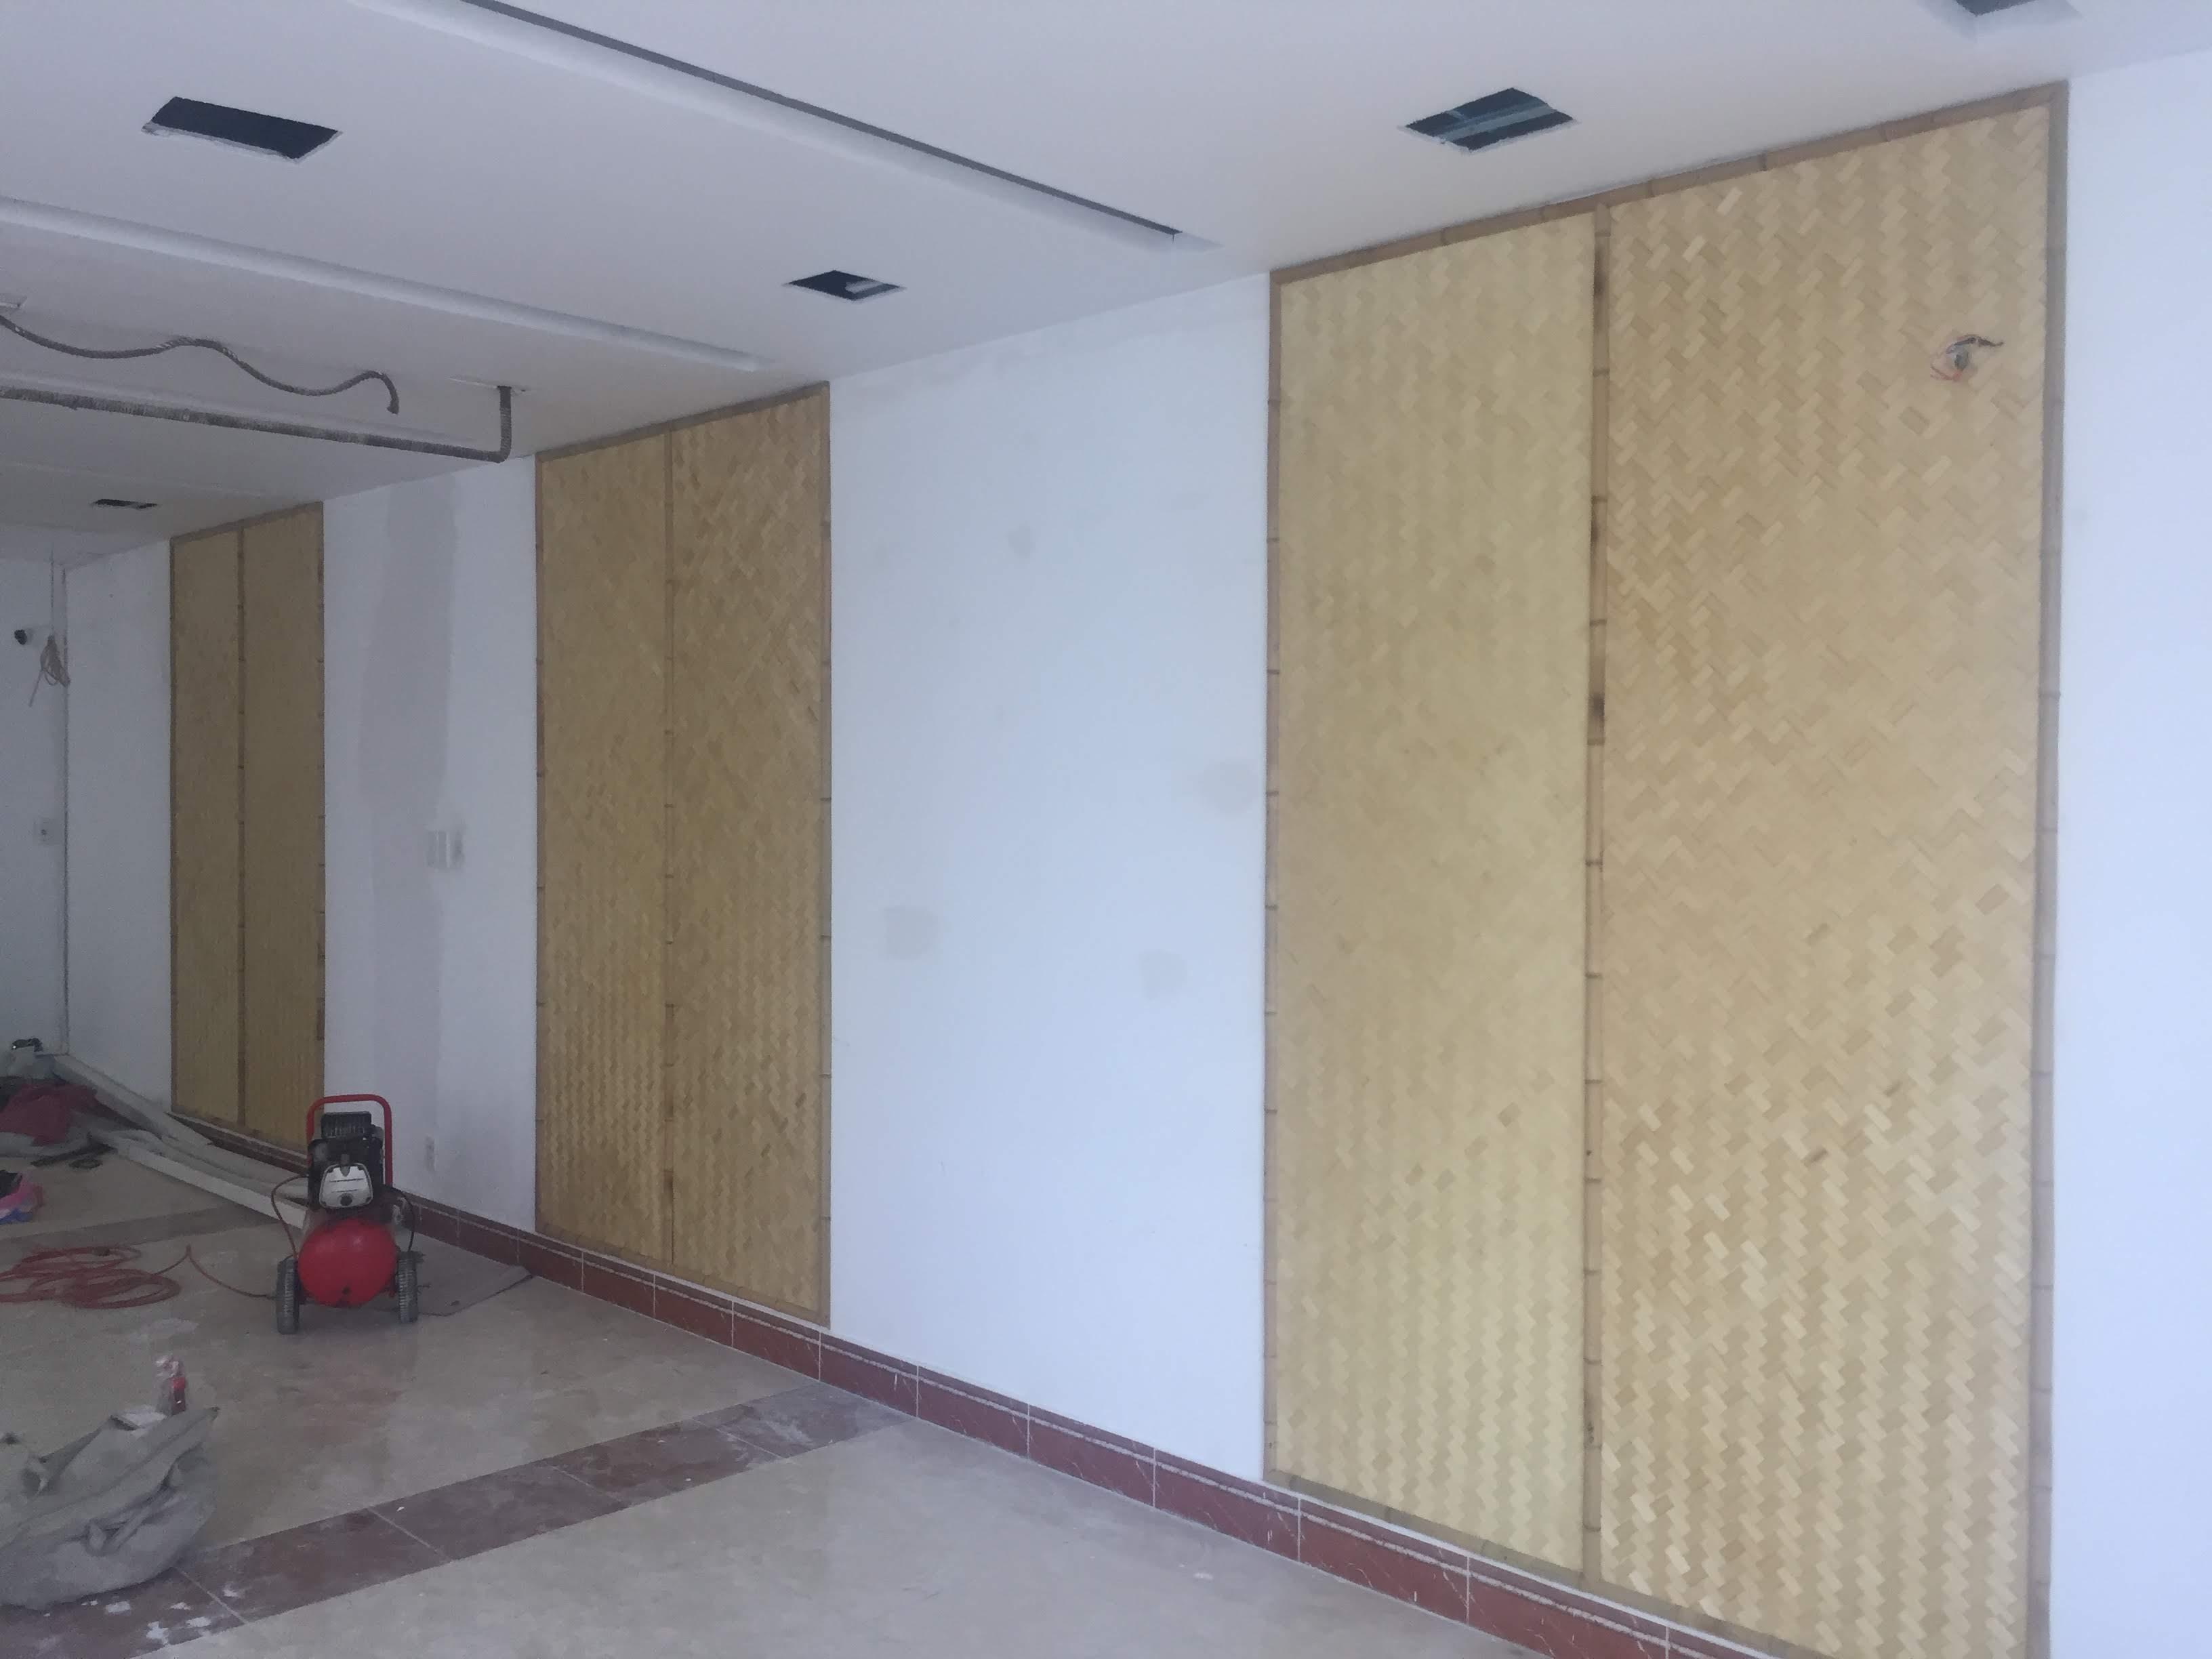 Cót tre ép ốp tường trang trí nhà ở